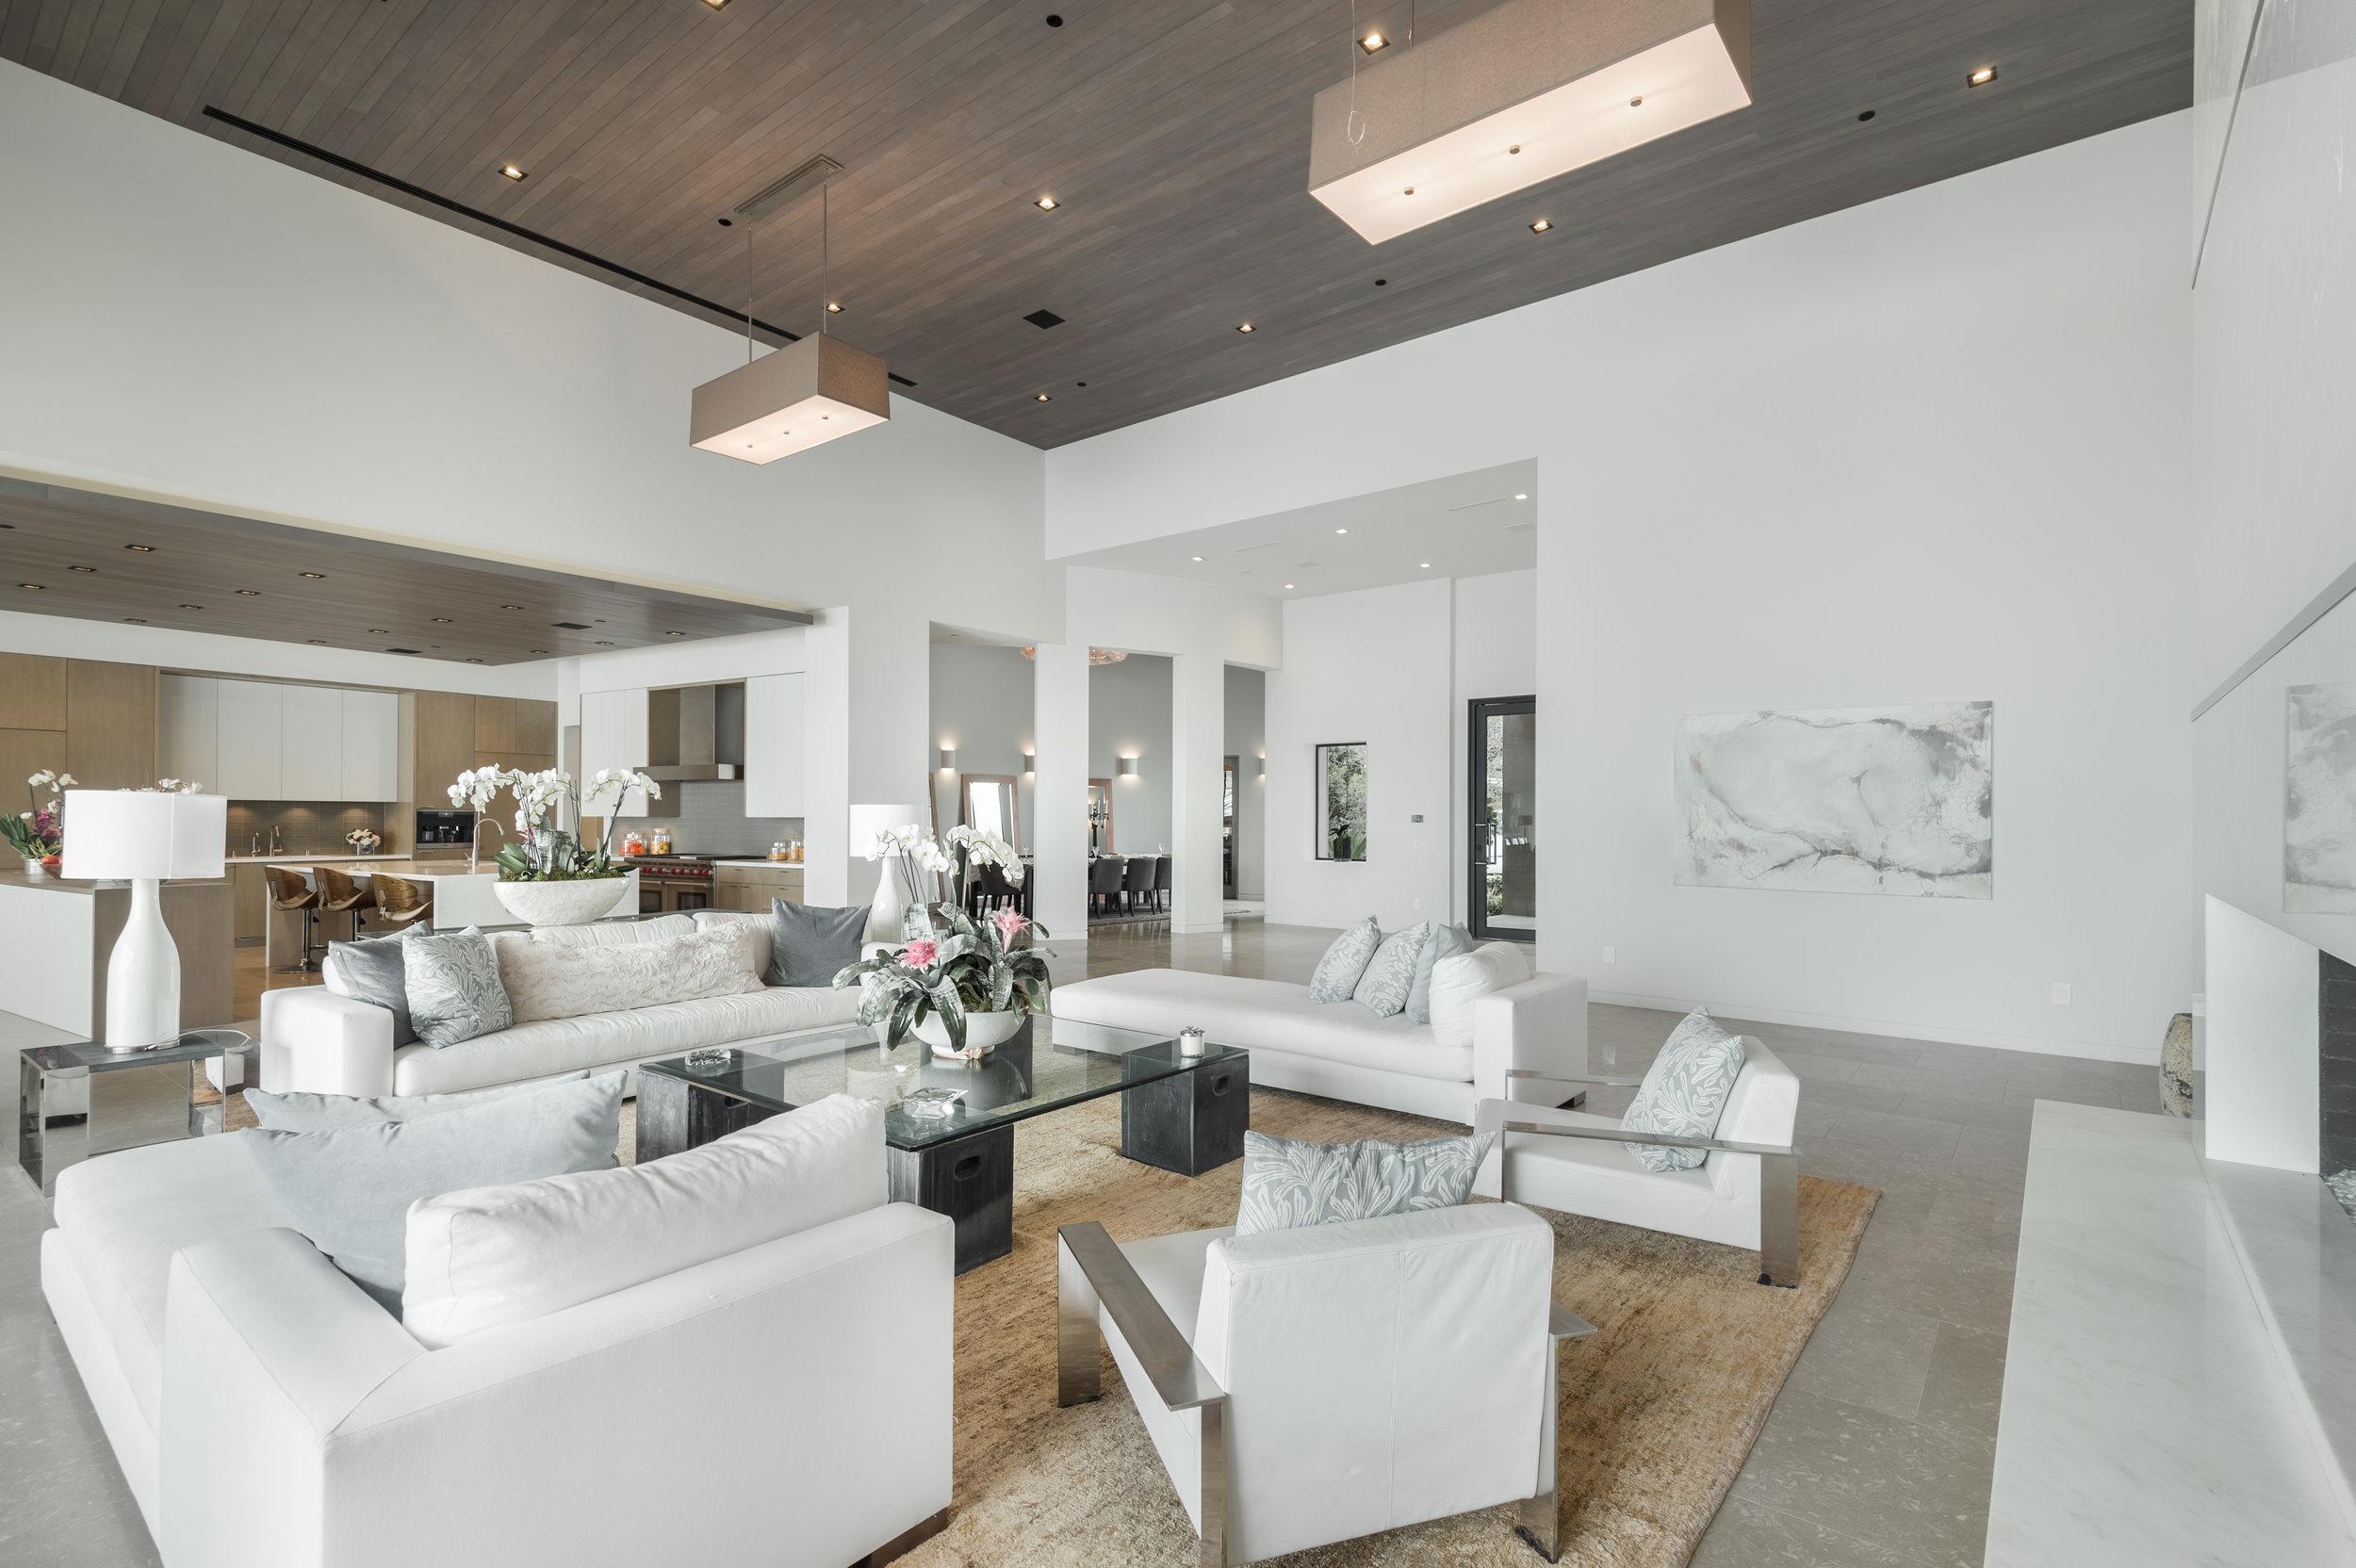 021 living room 4 11902 Ellice Street Malibu For Sale The Malibu Life Team Luxury Real Estate.jpg